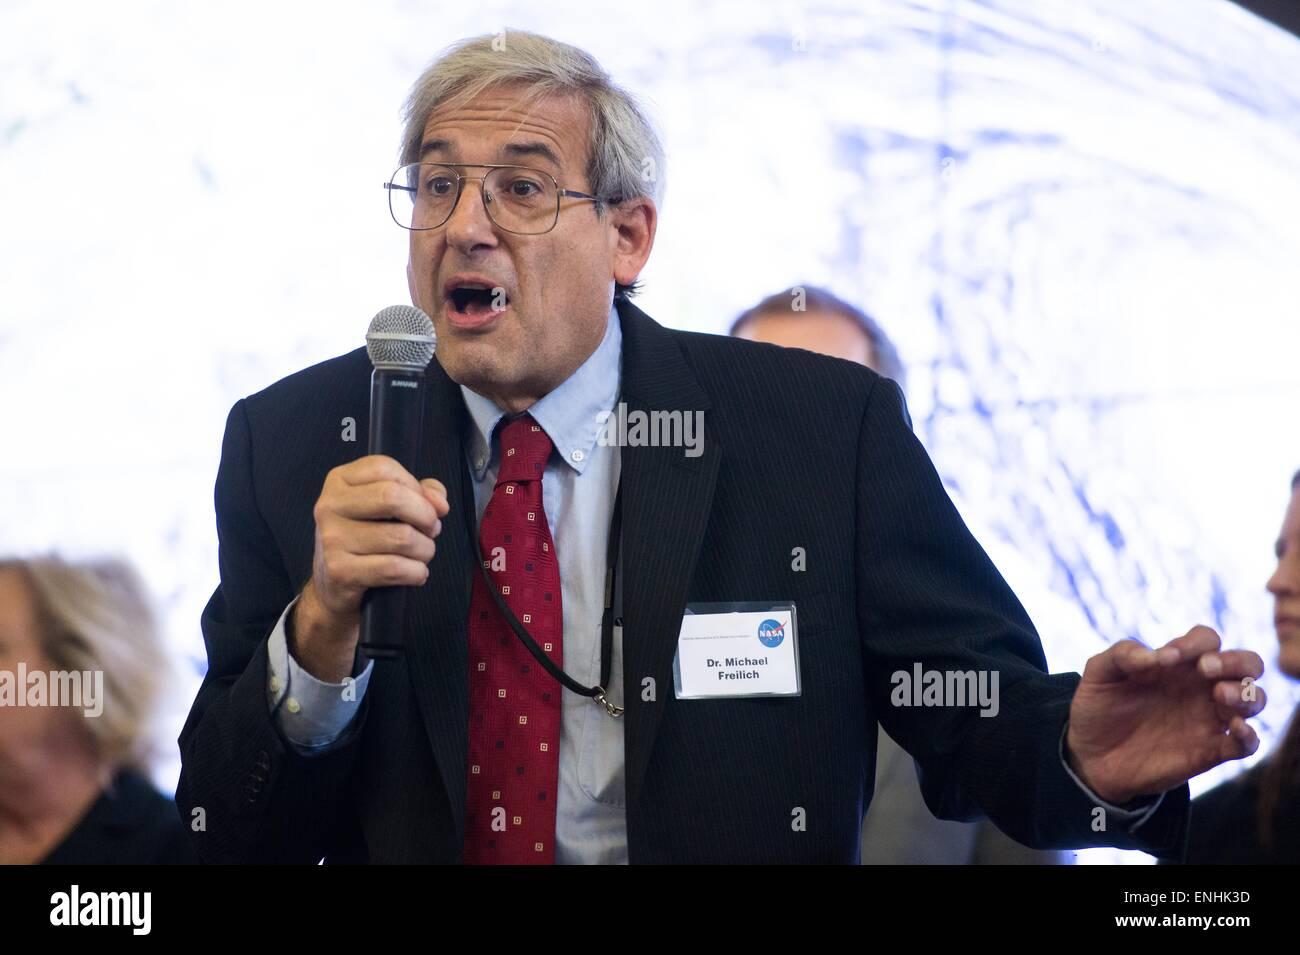 El Director de la NASA de las ciencias de la Tierra Dr. Michael Freilich, habla durante un evento del Día de Imagen De Stock